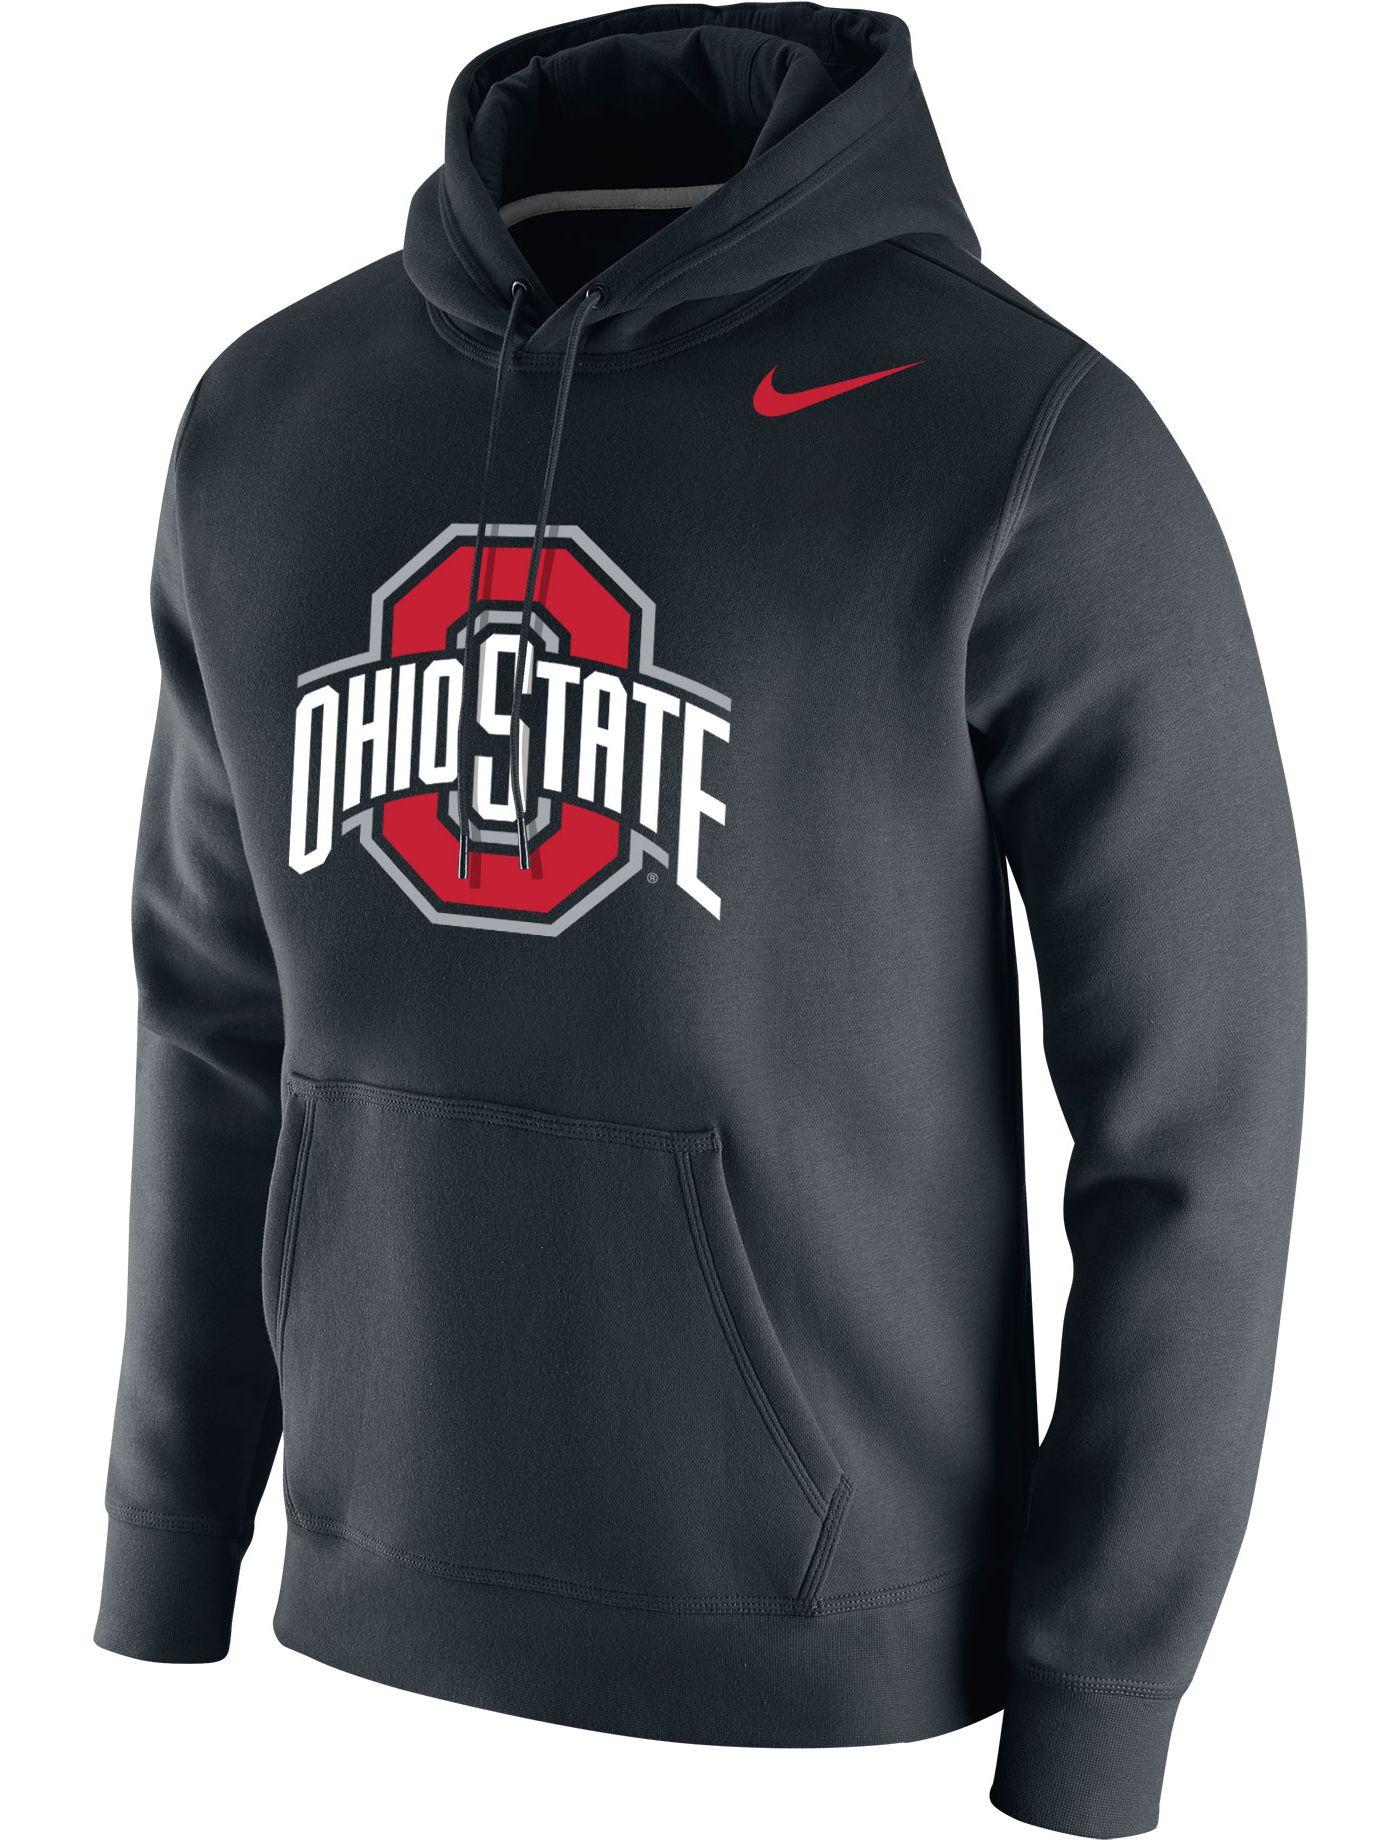 Nike Men's Ohio State Buckeyes Club Fleece Pullover Black Hoodie